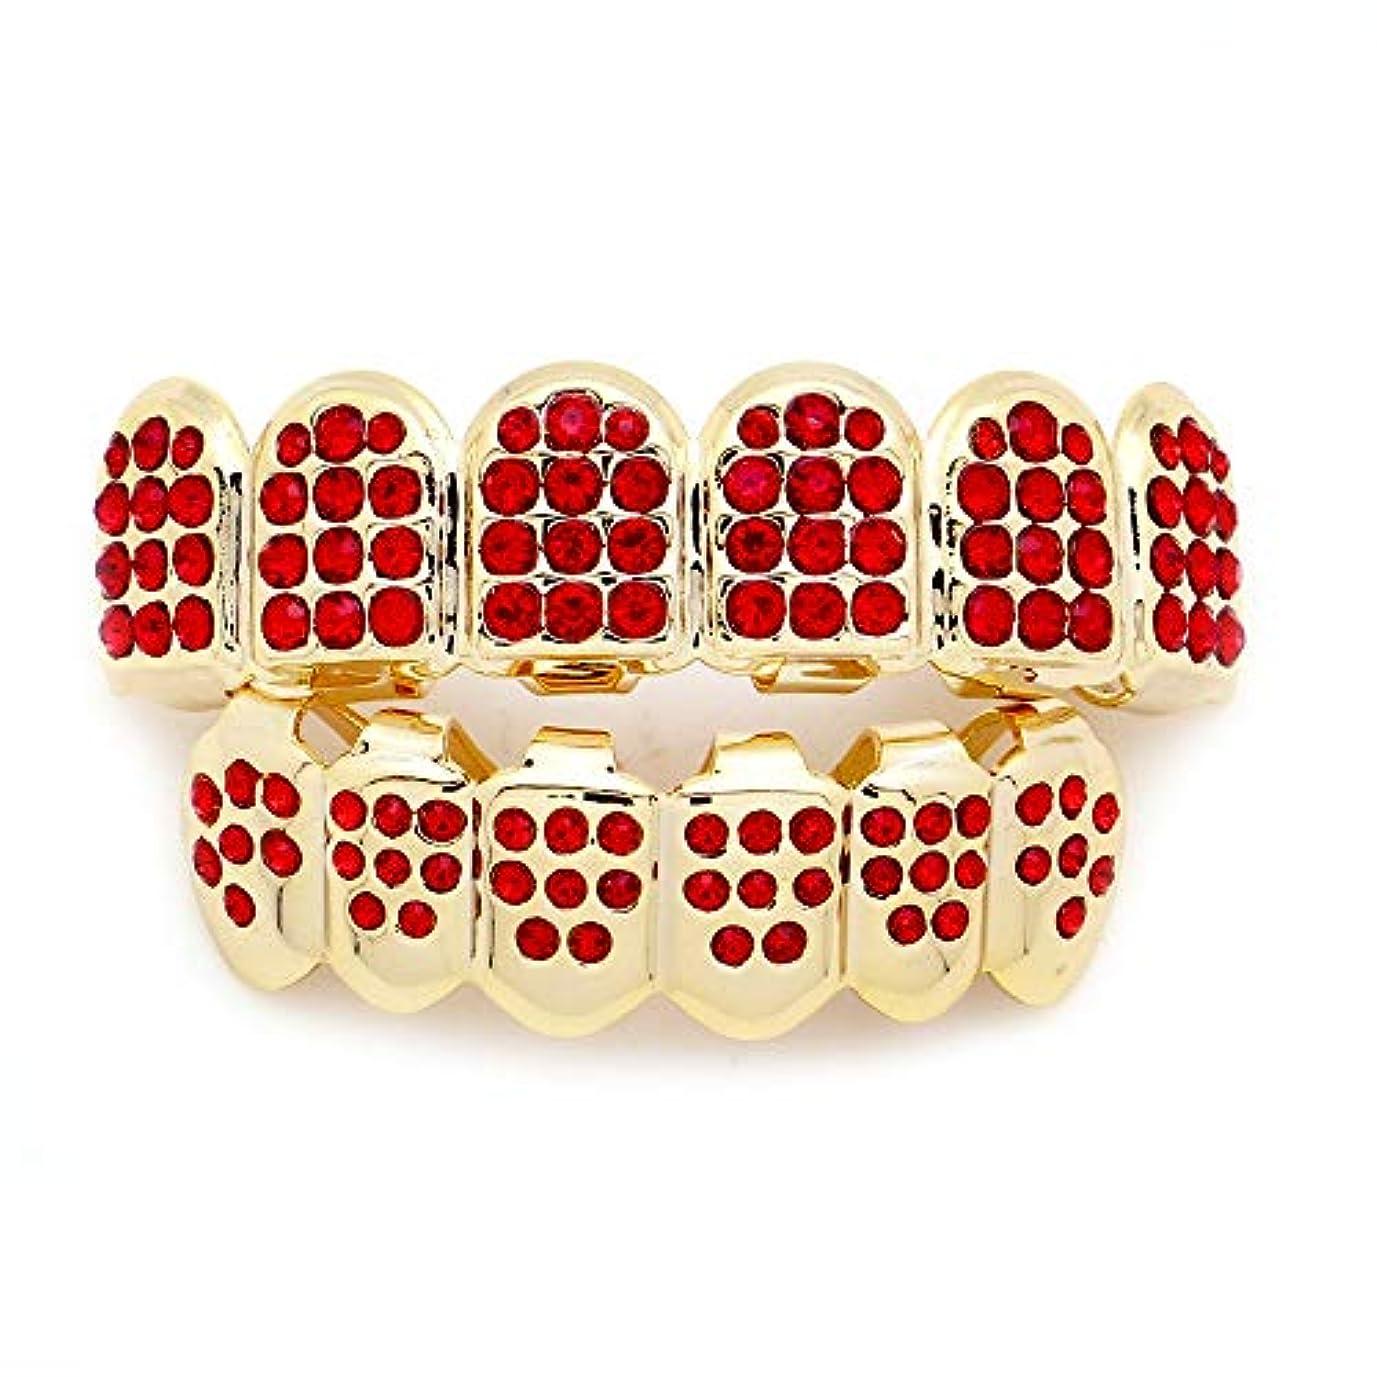 私の寛容なパイダイヤモンドゴールドプレートHIPHOPティースキャップ、ヨーロッパ系アメリカ人INS最もホットなゴールド&ブラック&シルバー歯ブレース口の歯 (Color : Red)